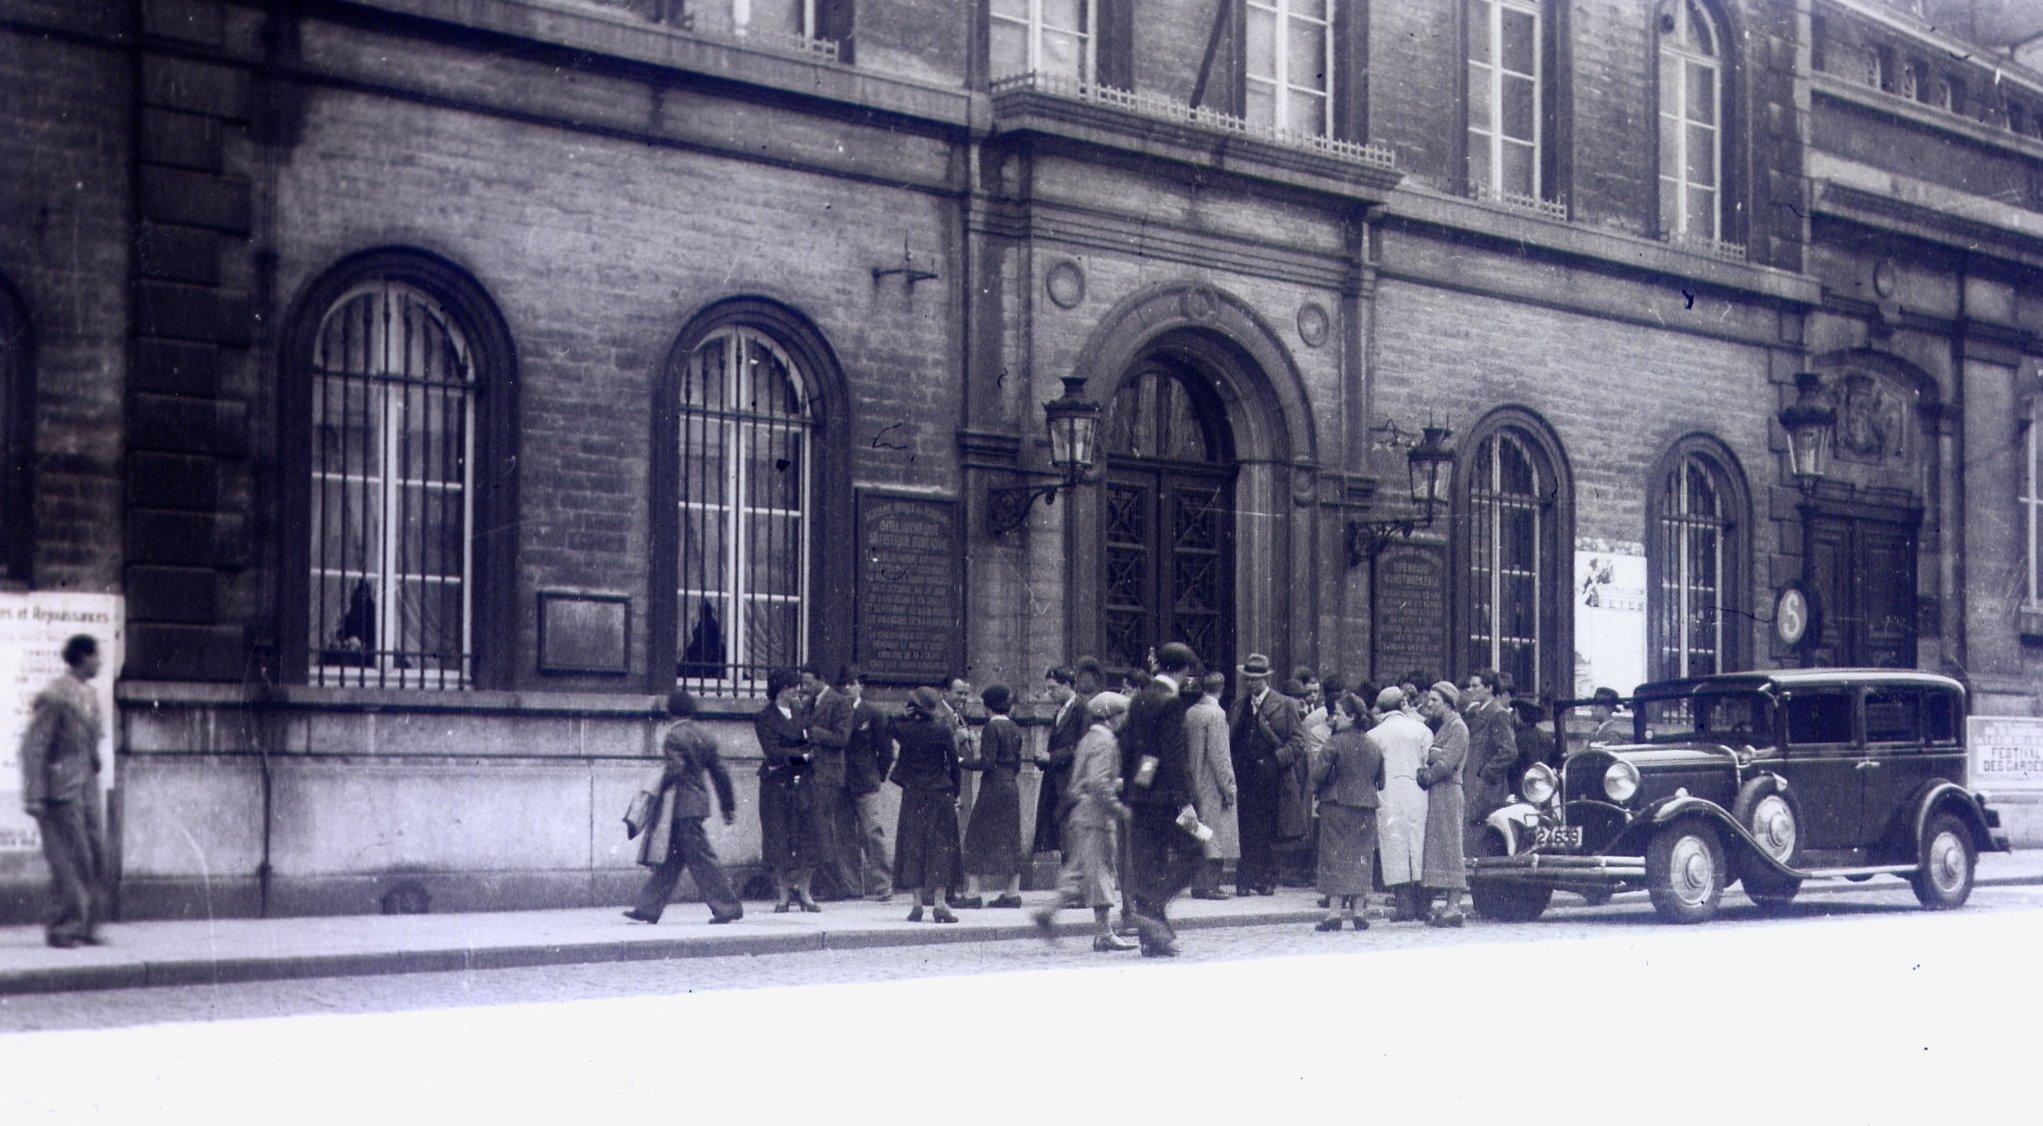 Académie royale des beaux arts wikipedia